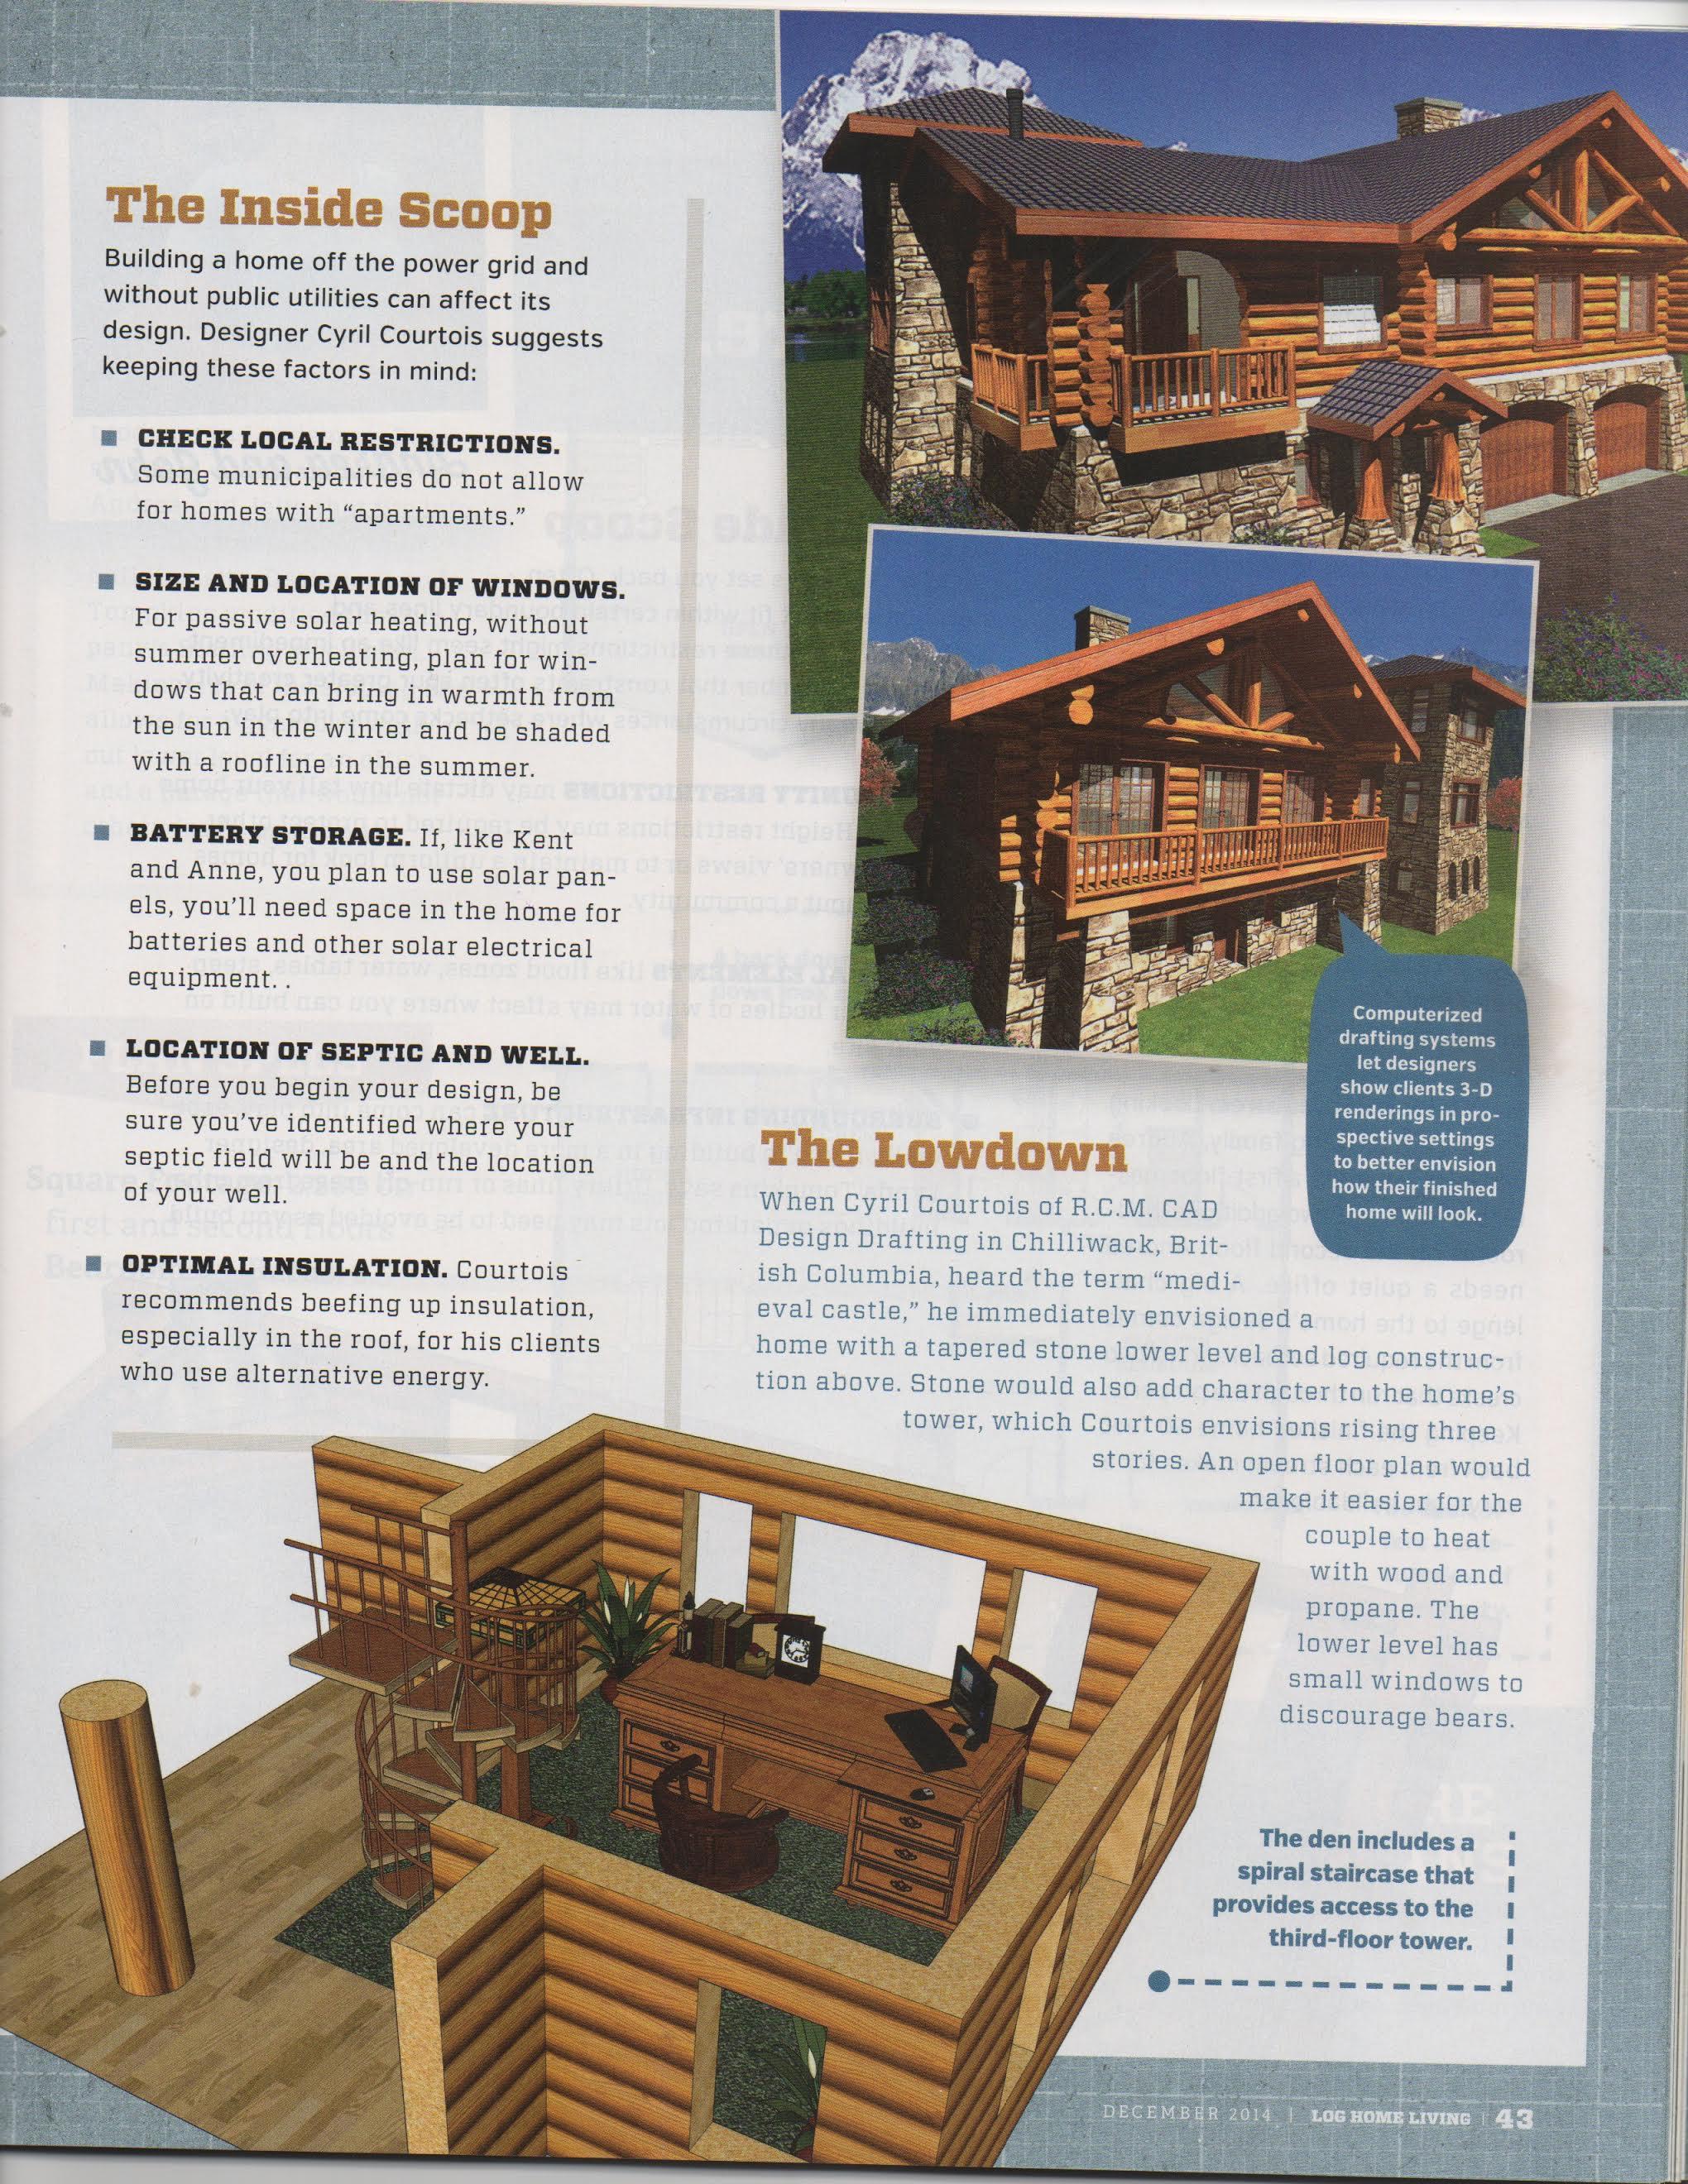 Log Home Living Magazine - December 2014 Archives - RCM Cad Design ...